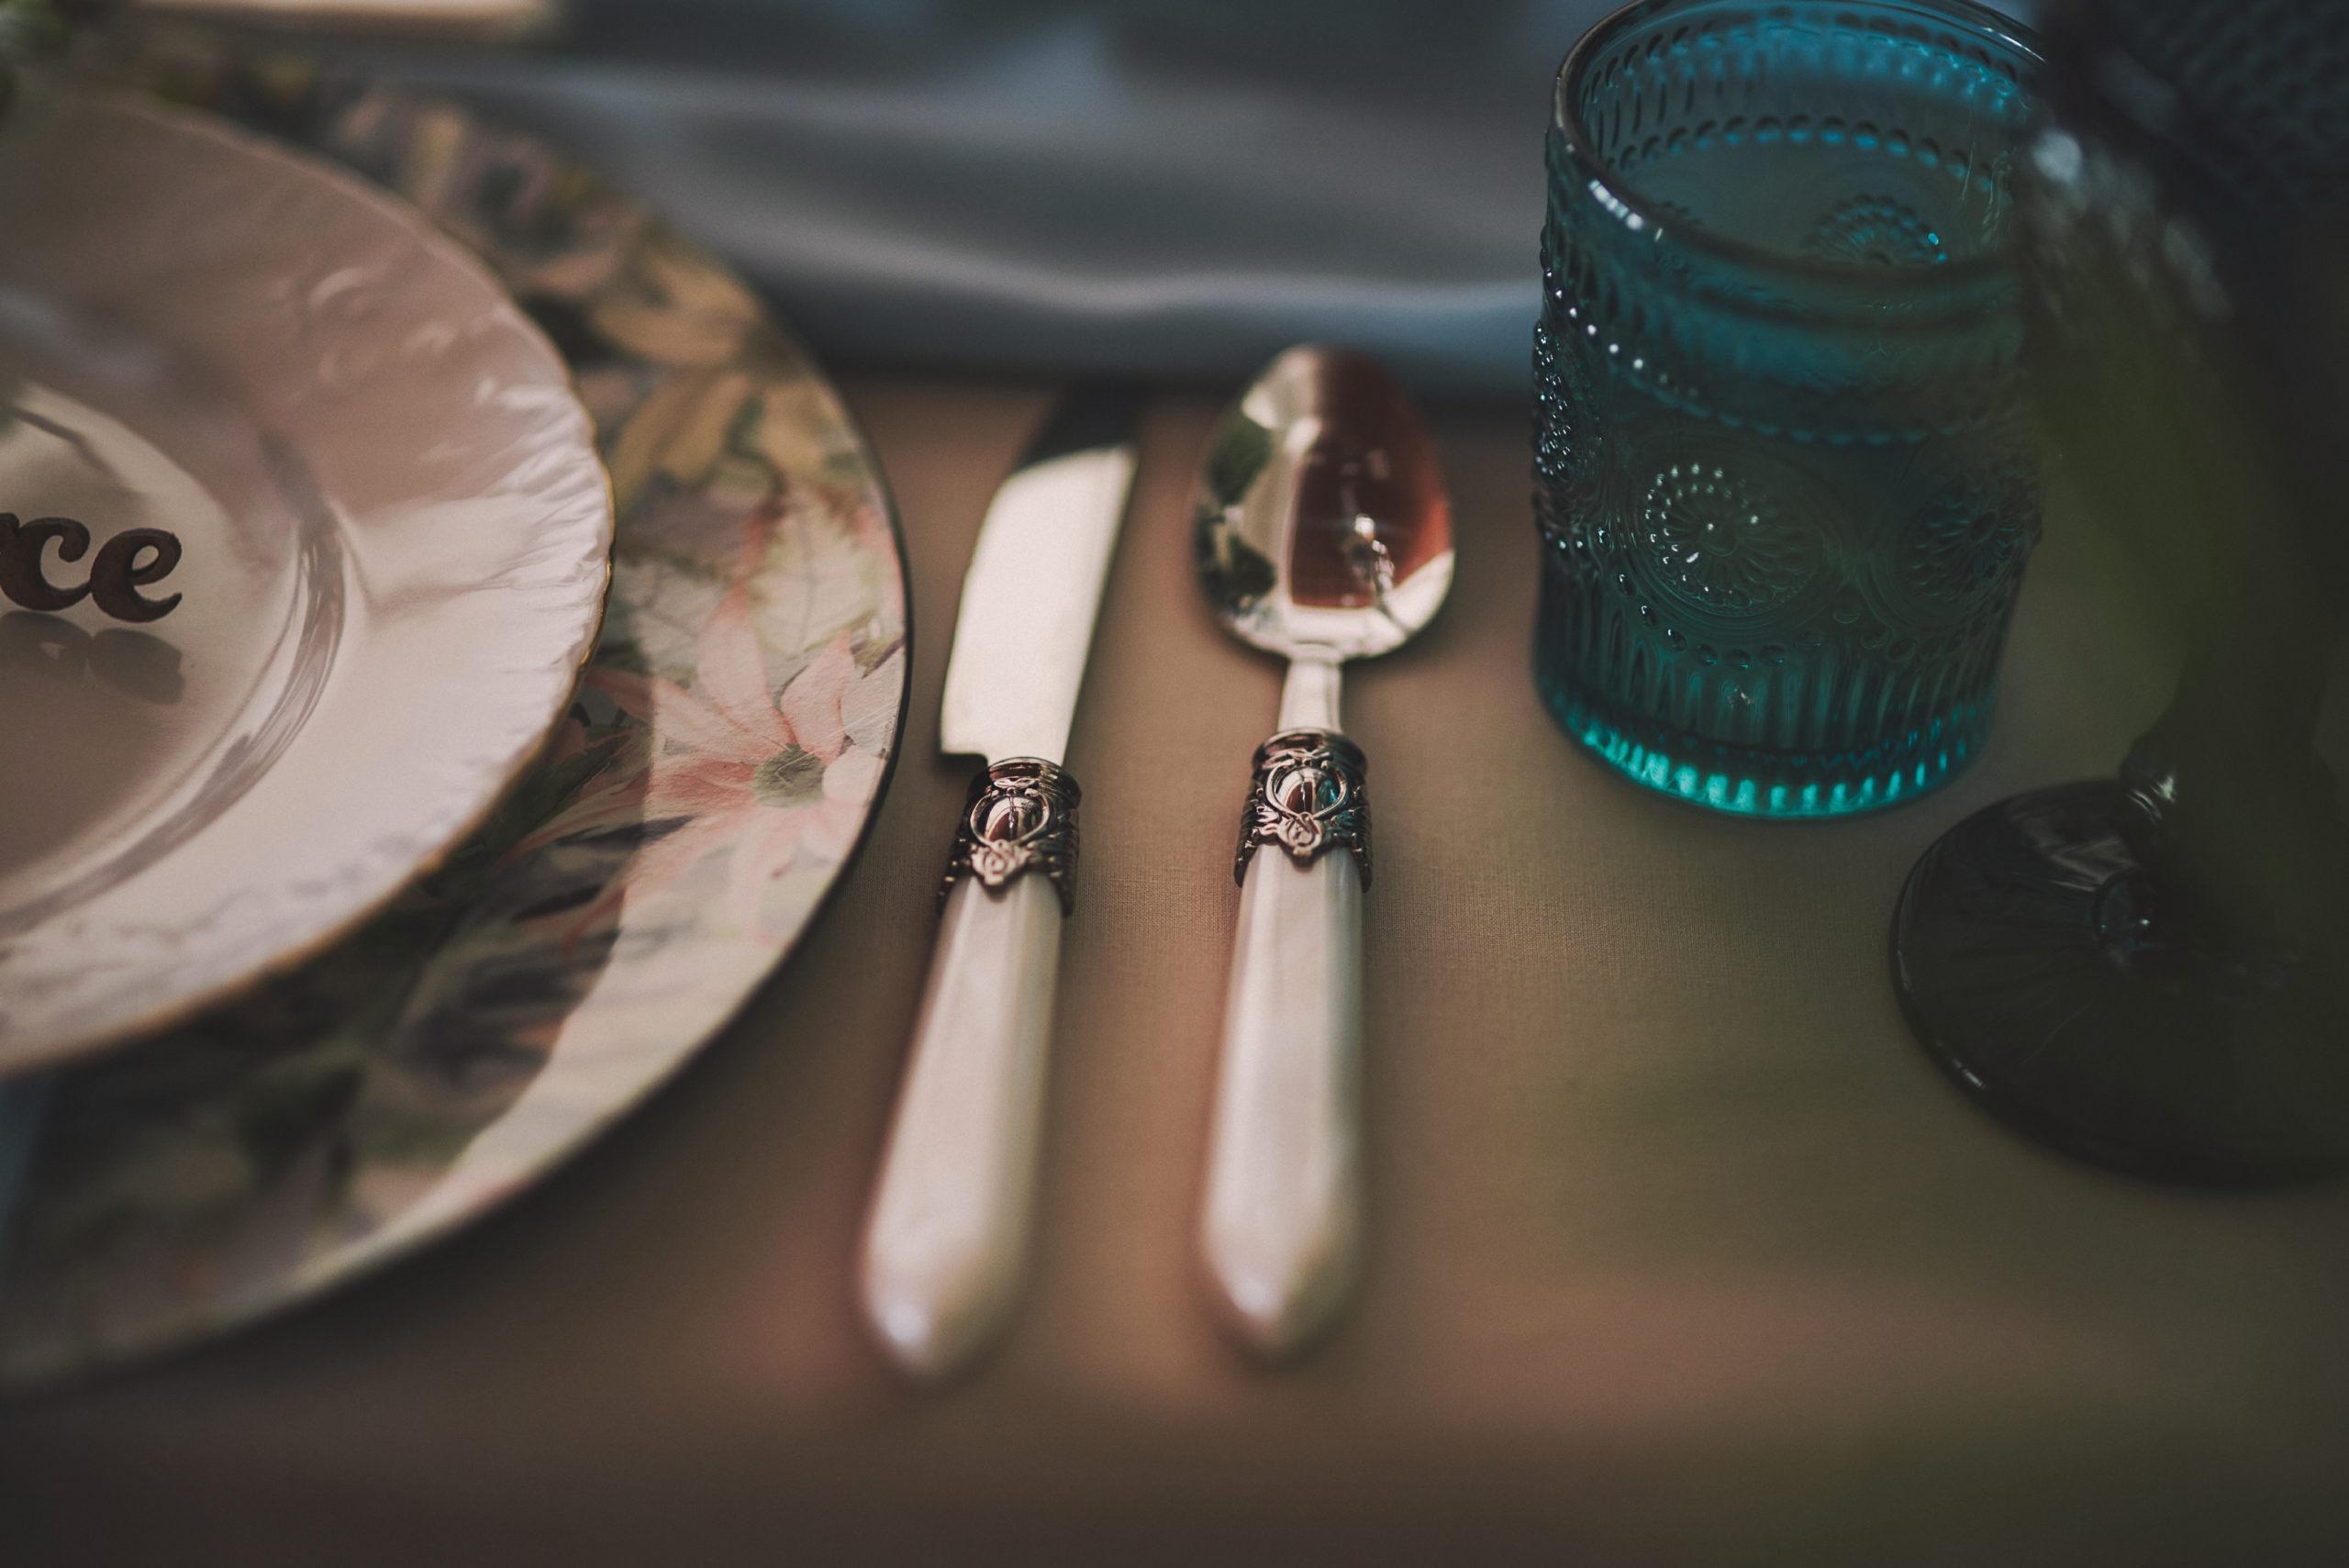 Cubiertos blancos, copas y vasos, cubiertos blancos y bajoplato floral